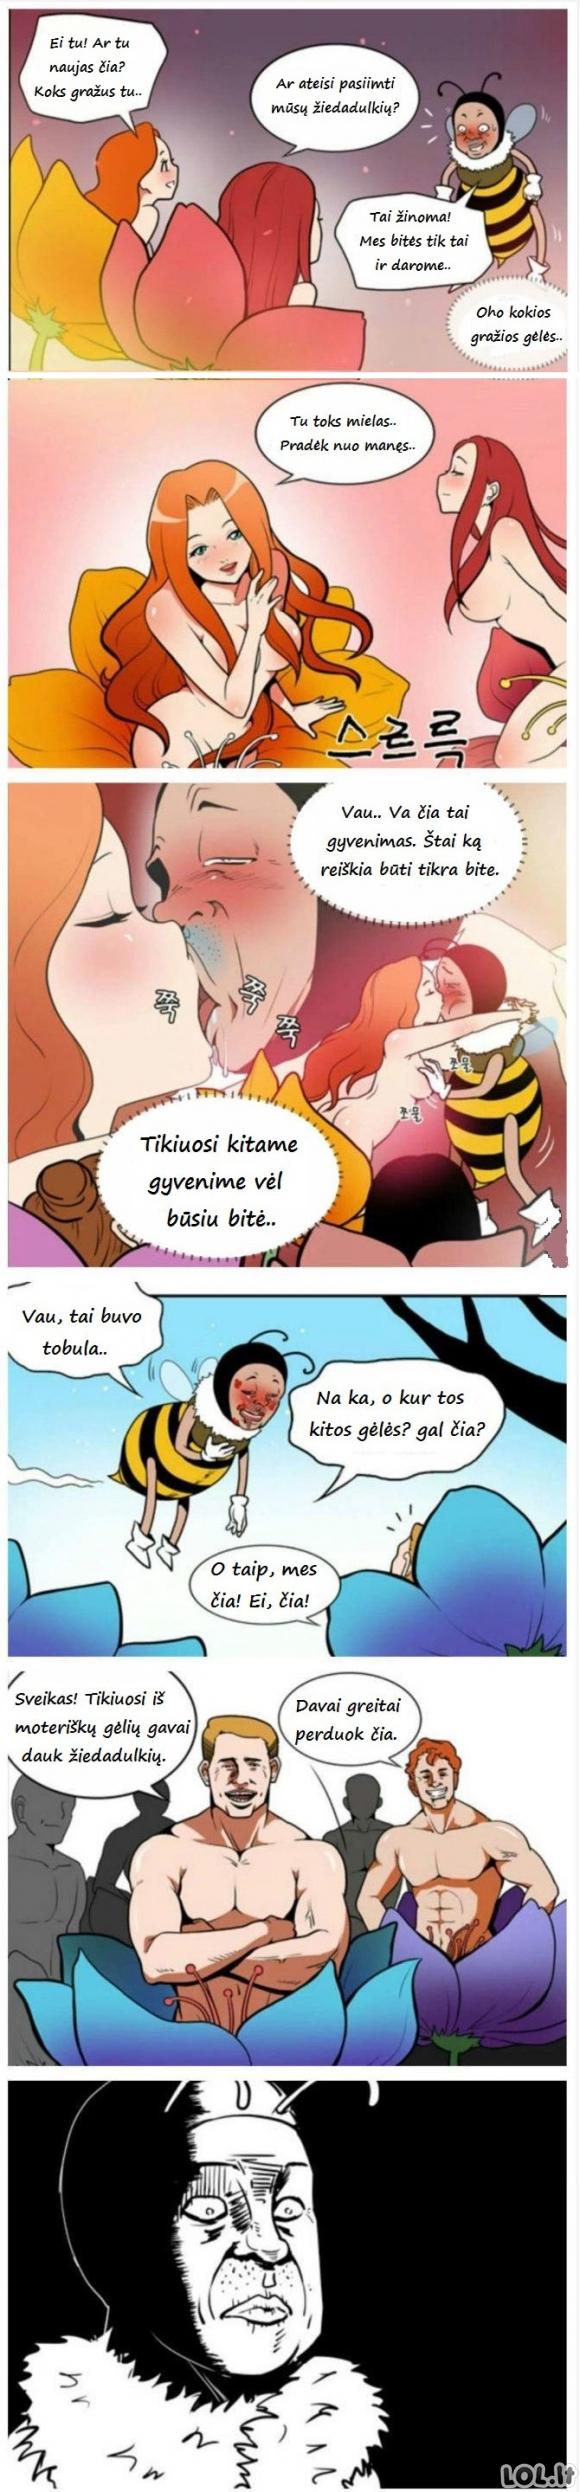 Sunkus bitino gyvenimas